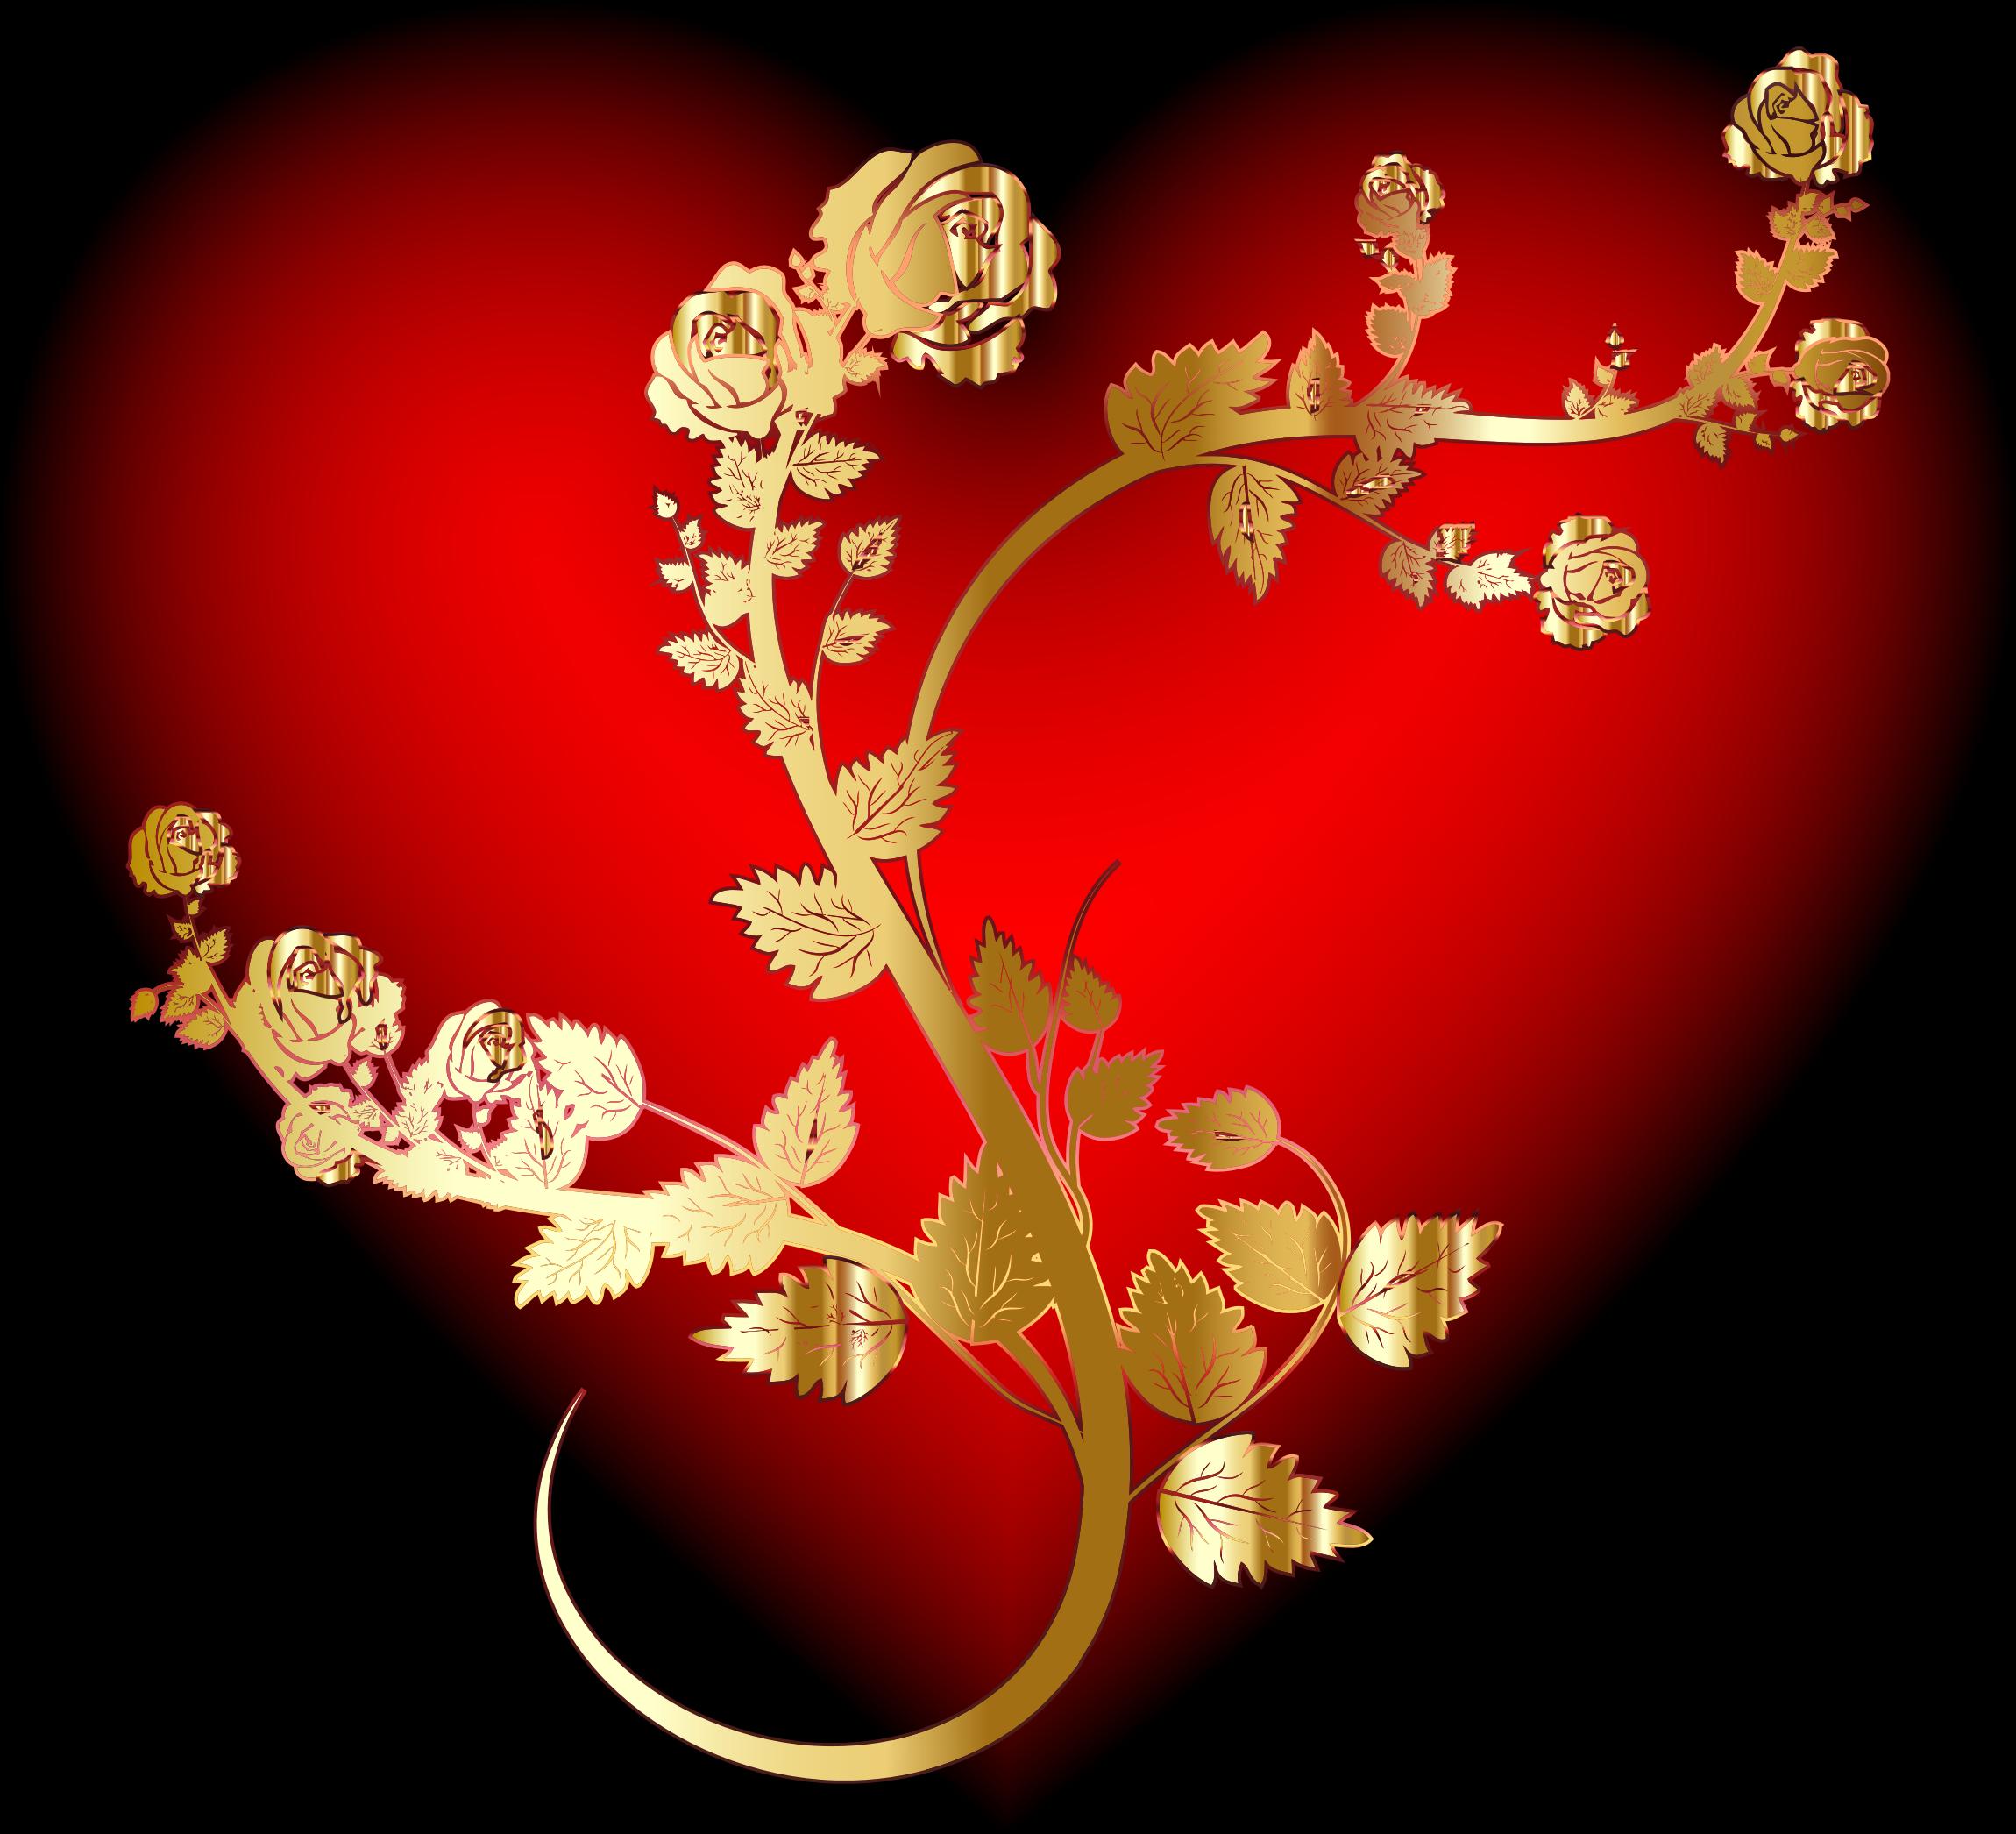 Clipart rose heart. Golden big image png